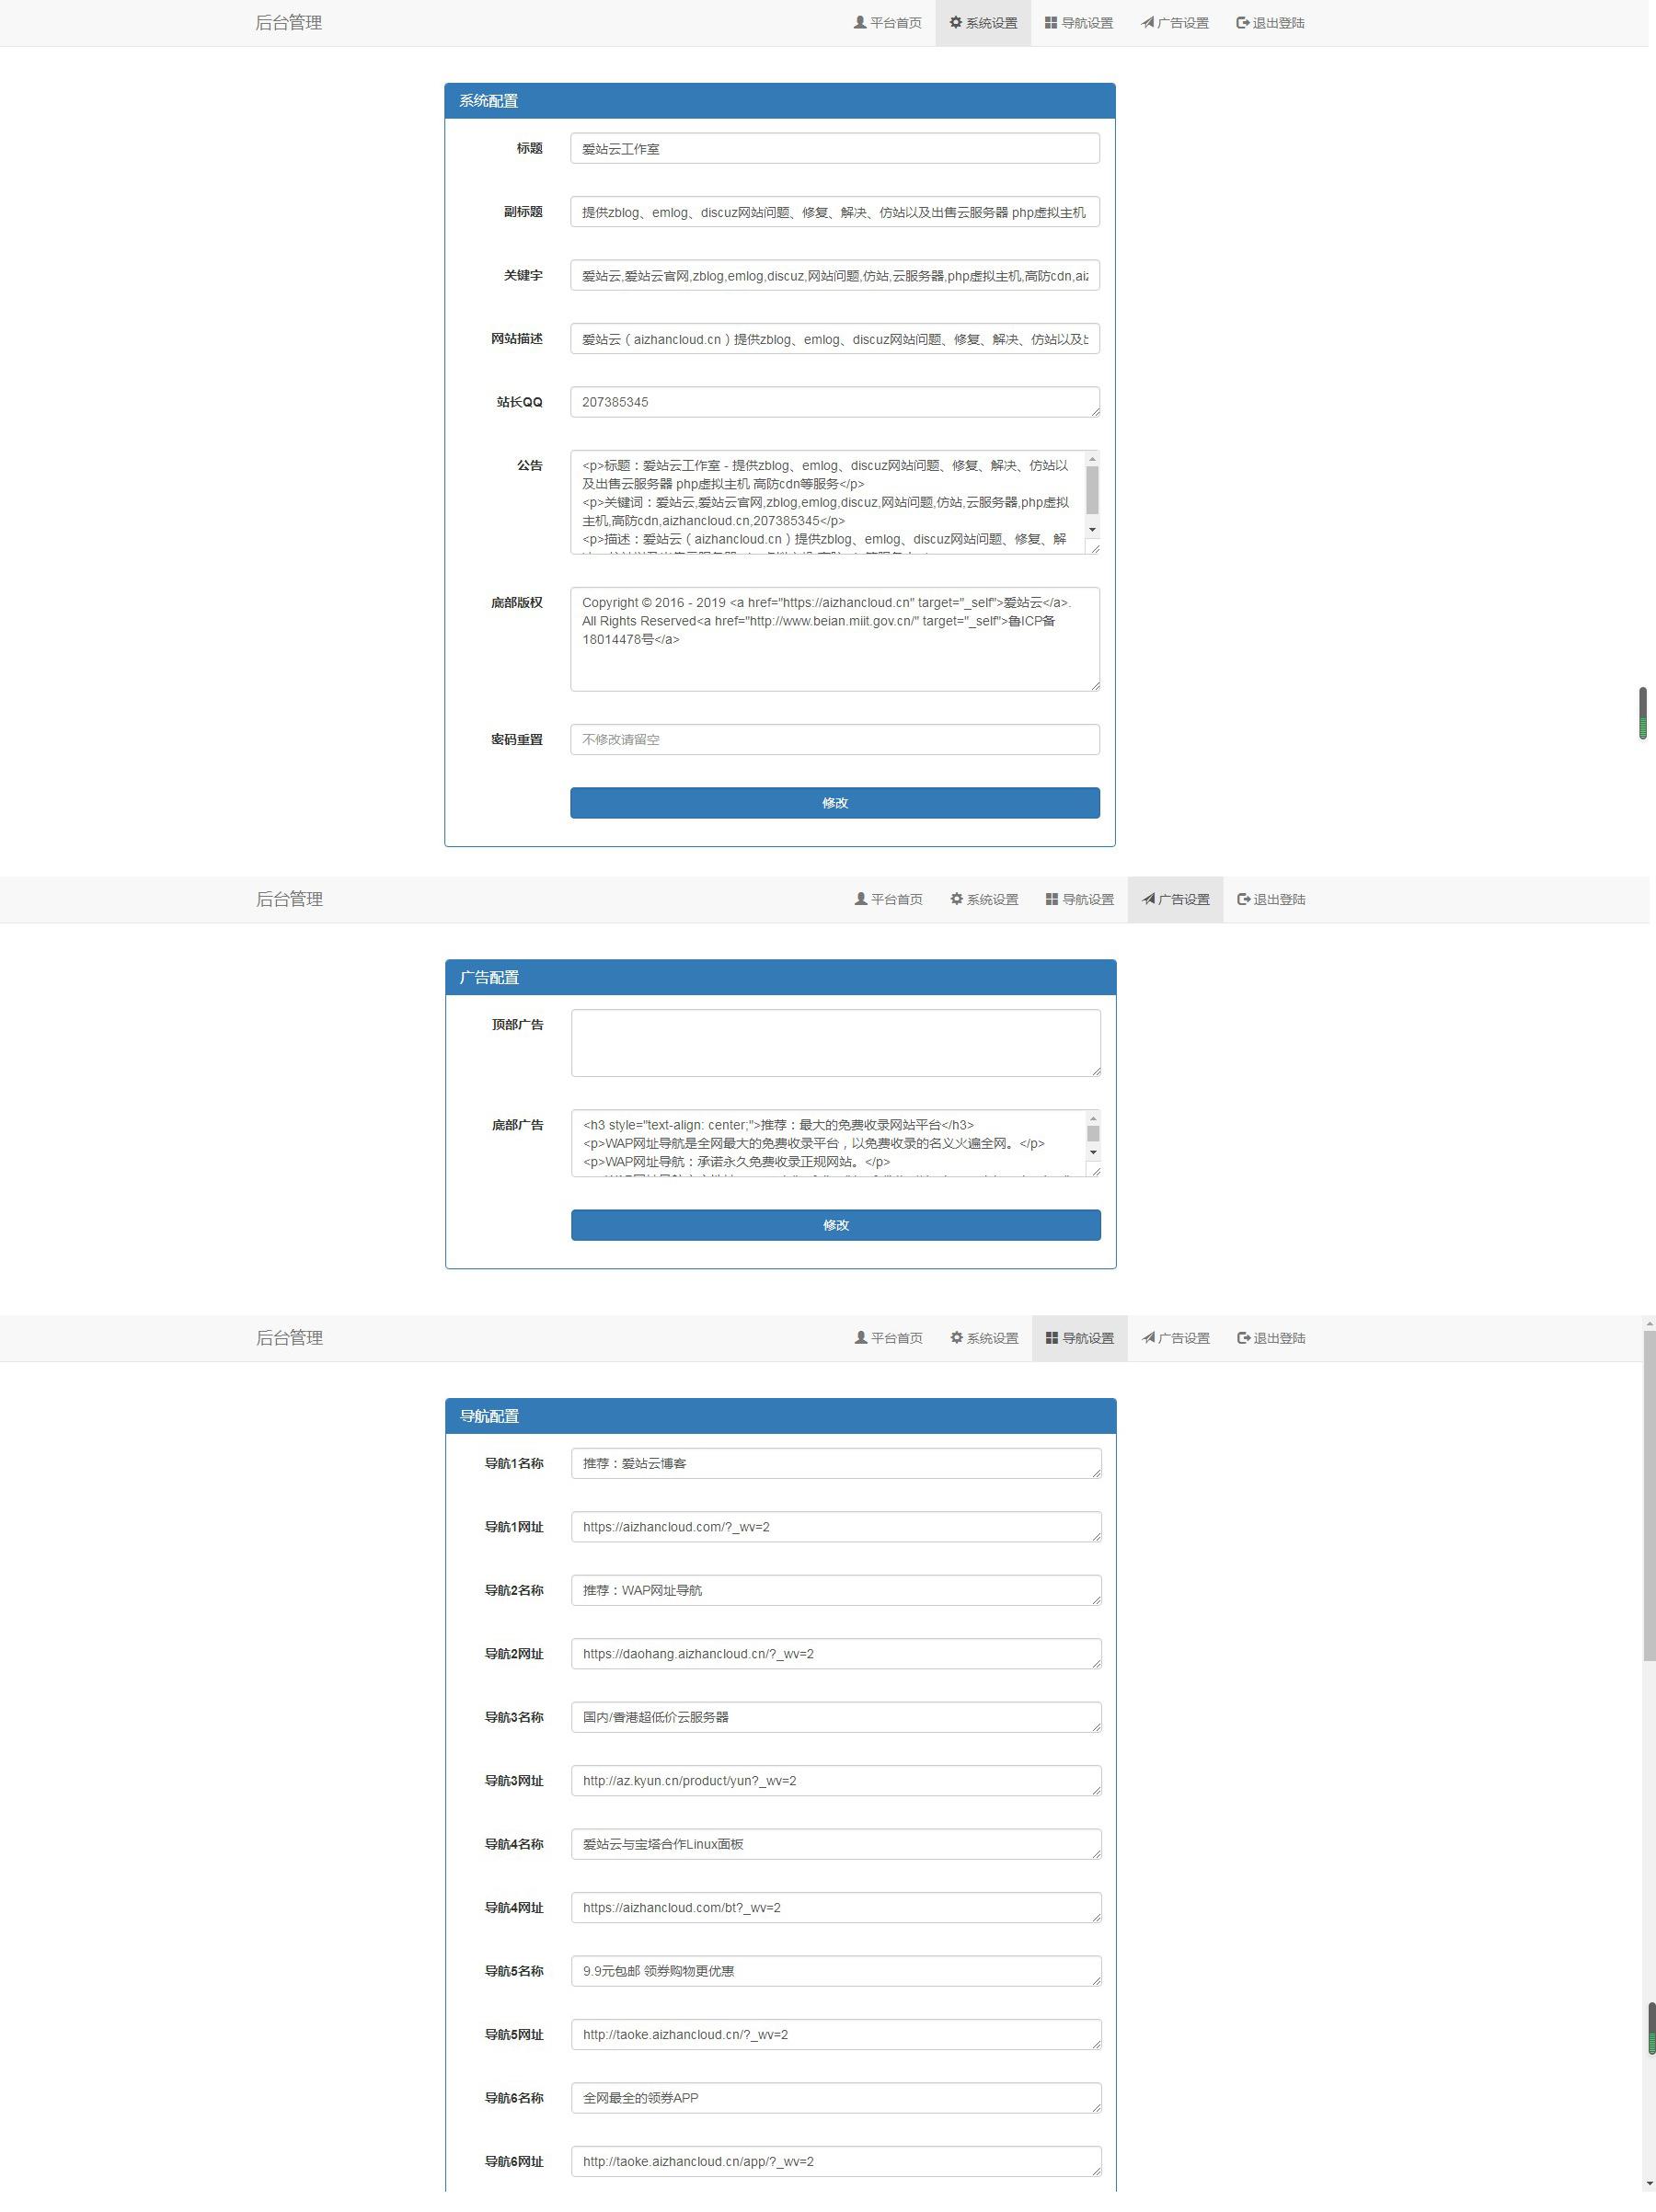 爱站云 工作室 引导页 自适应 源码带后台,爱站云 工作室 引导页 自适应 源码带后台  第2张,第2张